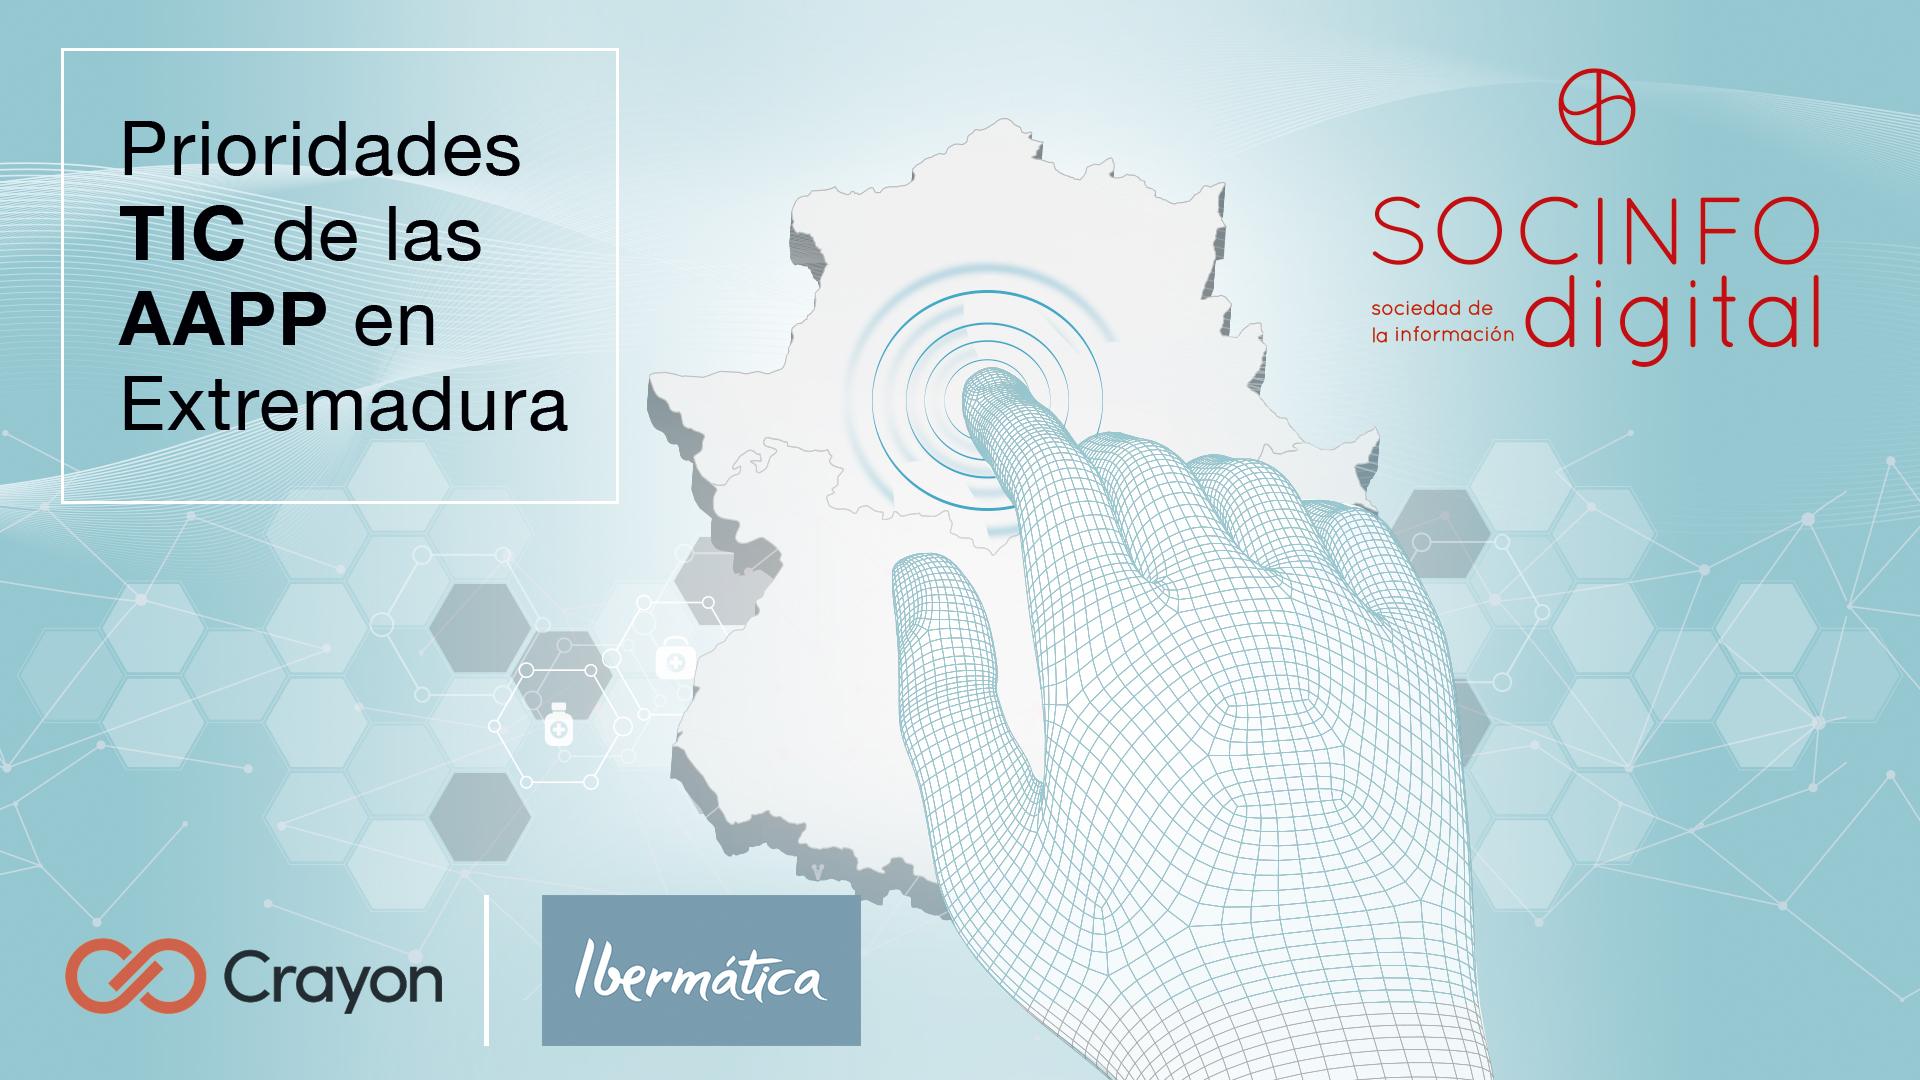 Prioridades TIC de las AAPP en Extremadura